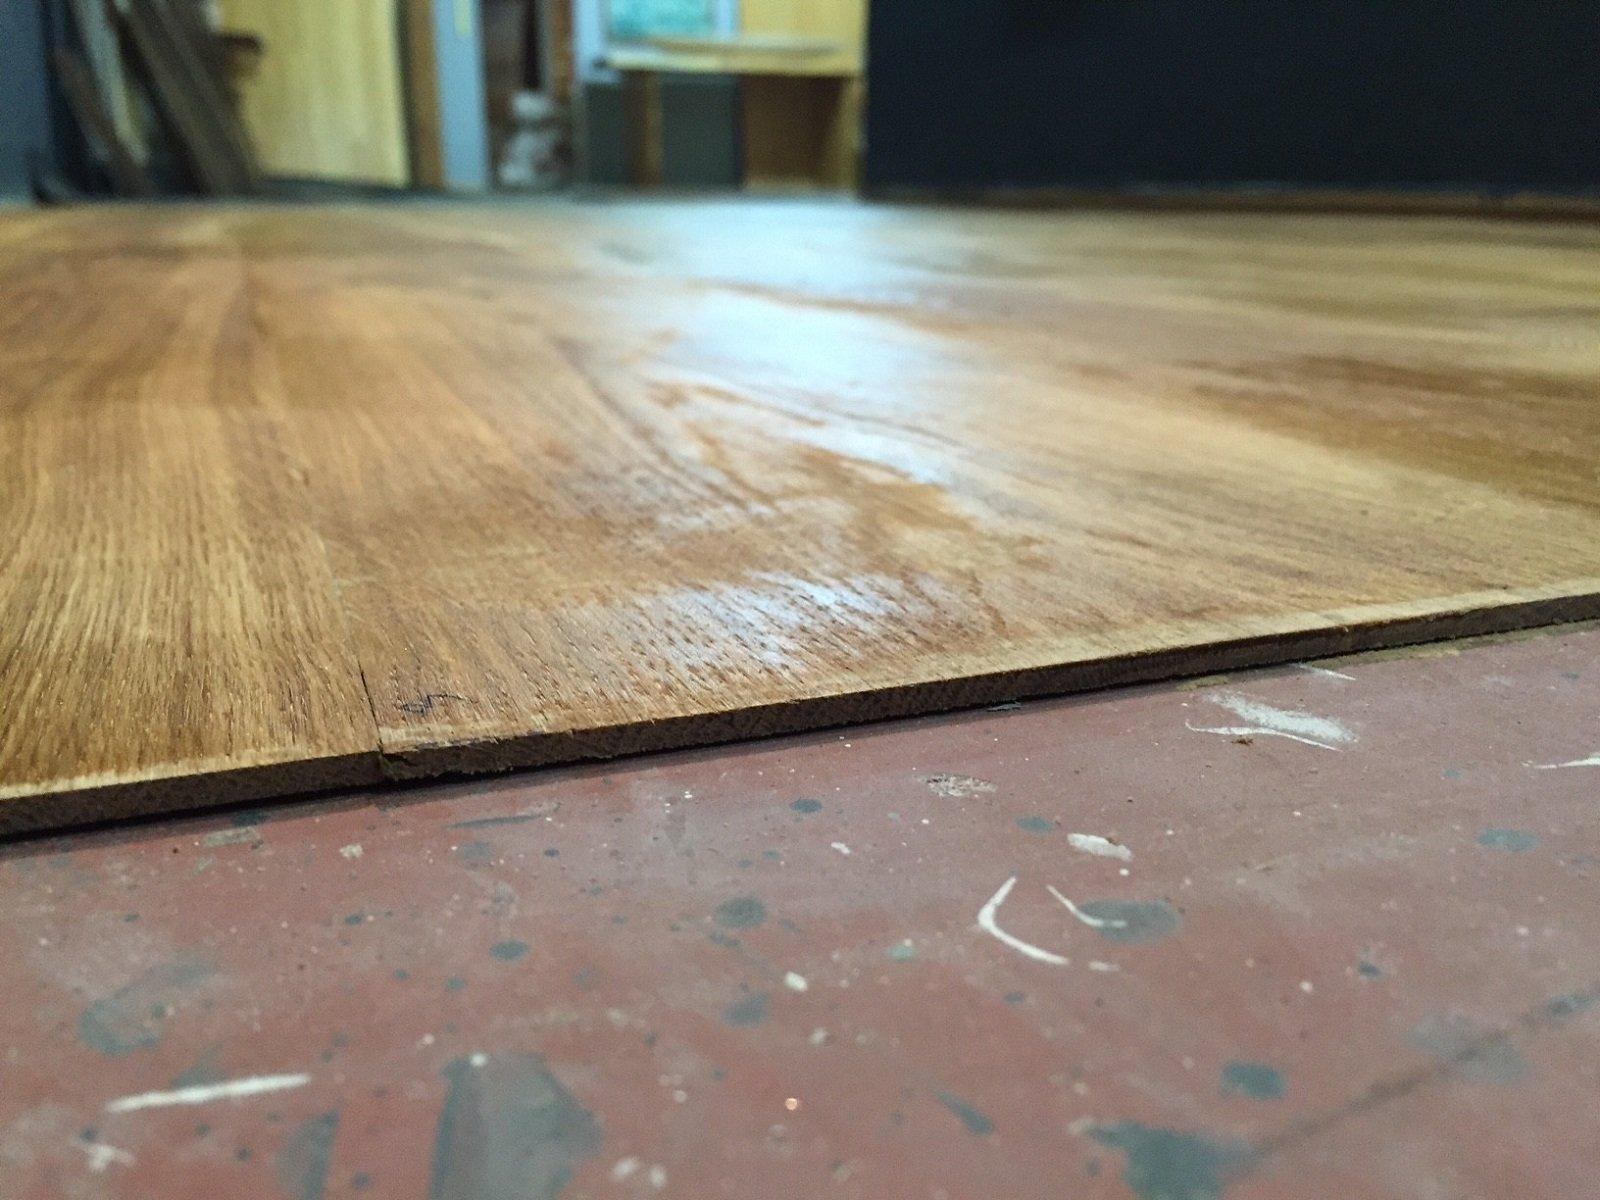 Rivestire il pavimento con lamelle ultrasottili di legno - Cose di Casa